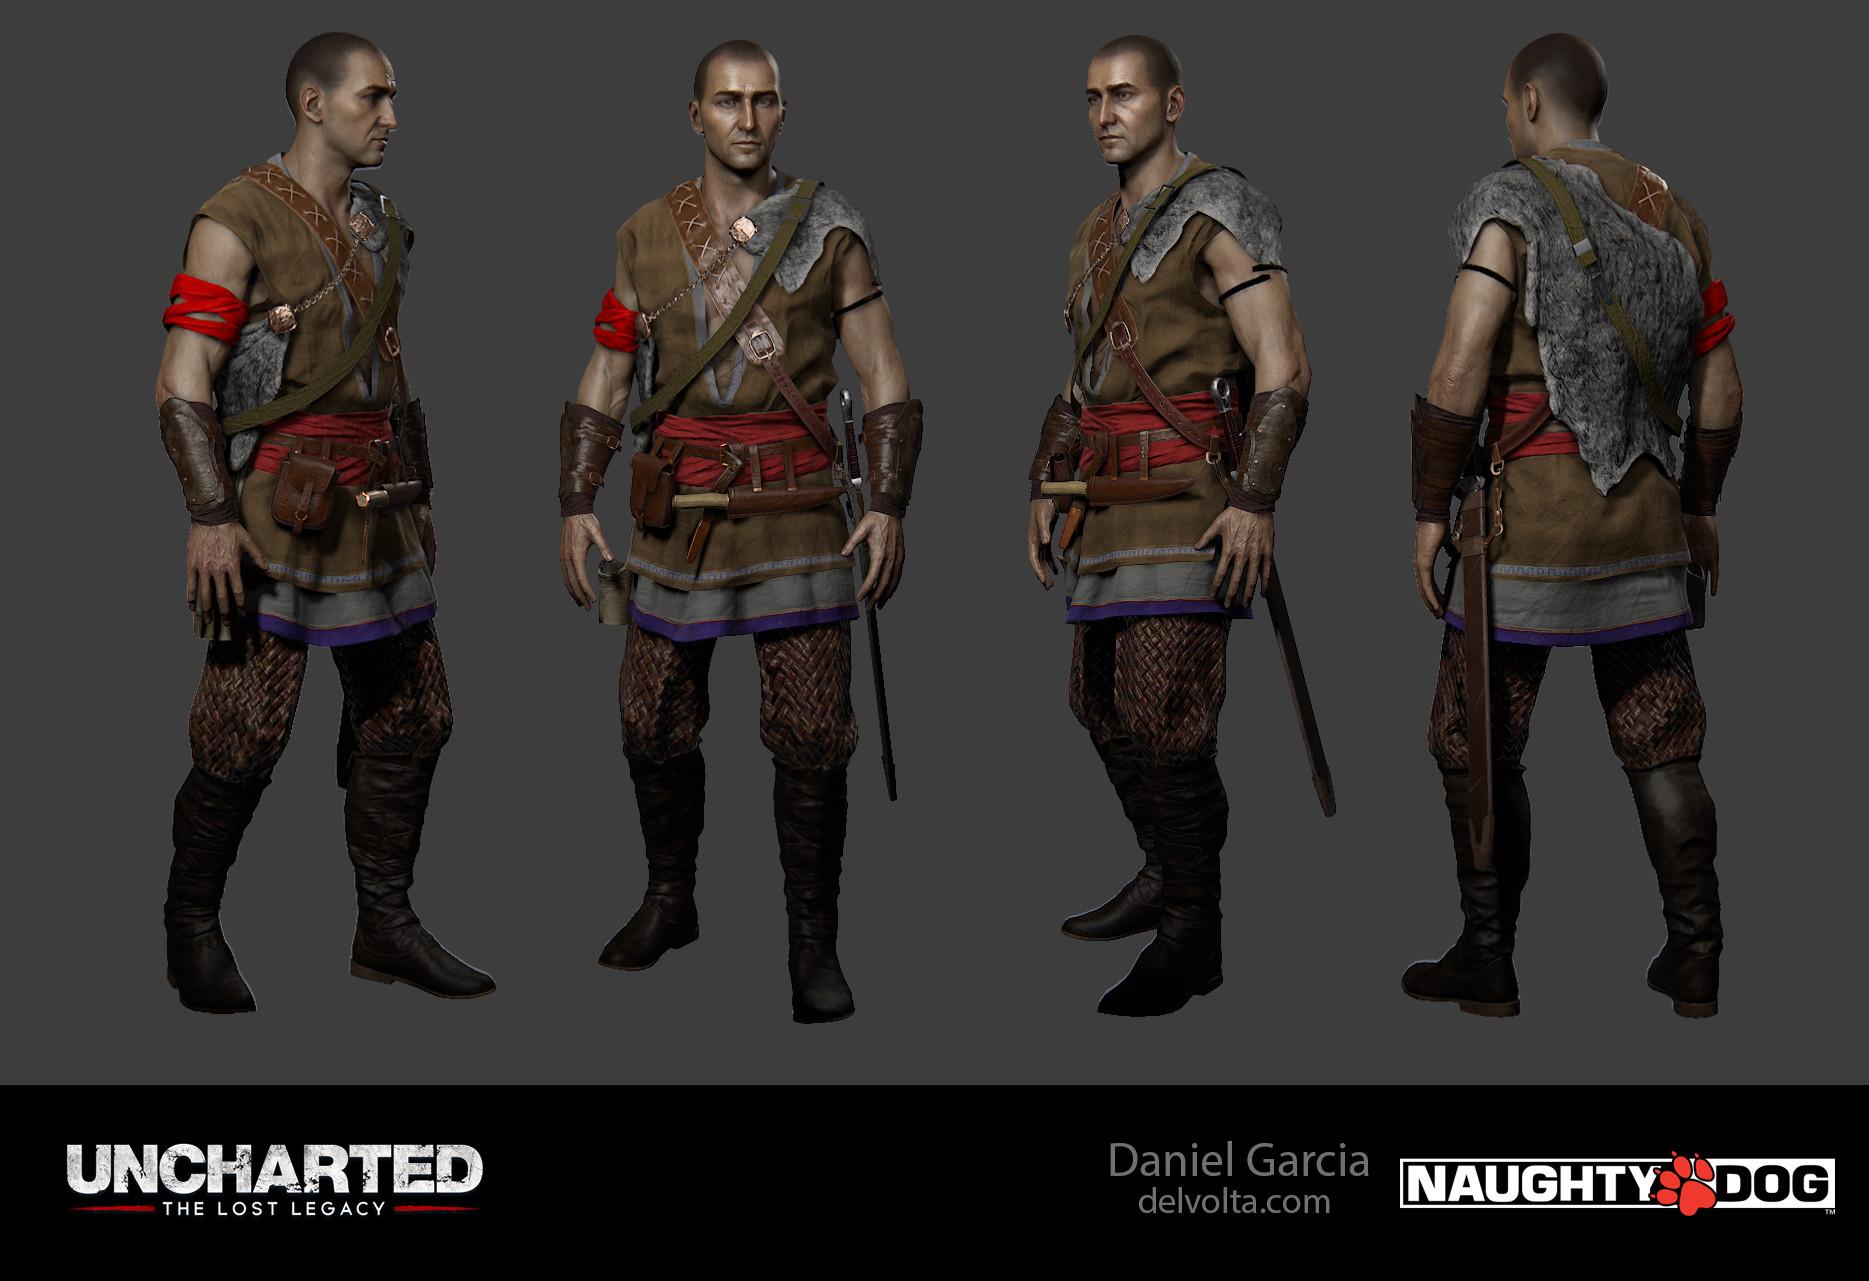 Daniel garcia barbarianflynn